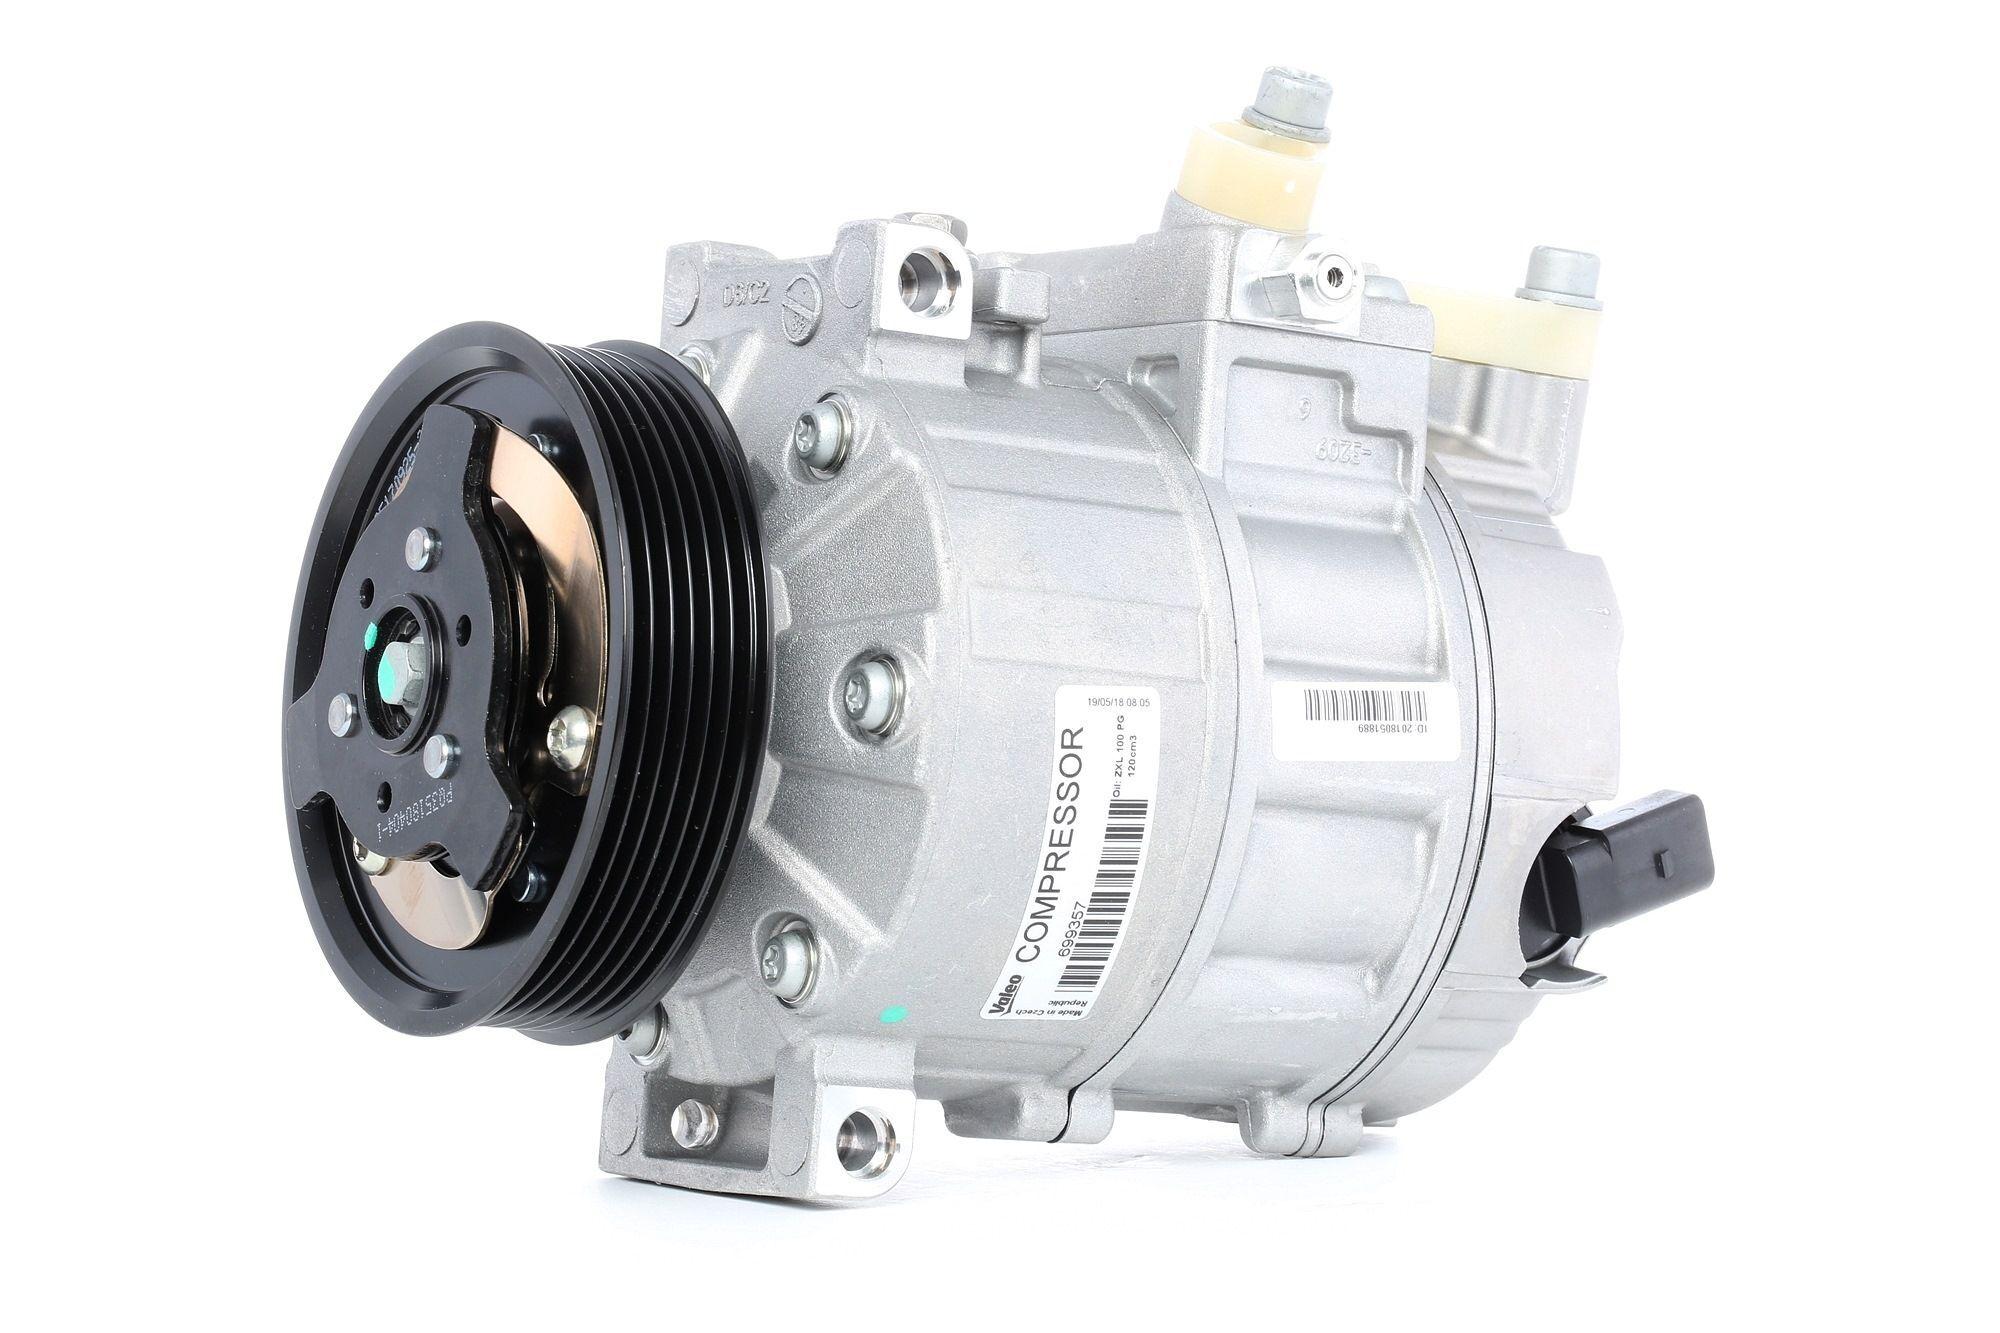 VALEO Compresseur De Climatisation 699357 Compresseur De Clim,Compresseur, climatisation VW,AUDI,SKODA,GOLF V 1K1,TOURAN 1T1, 1T2,GOLF VI 5K1